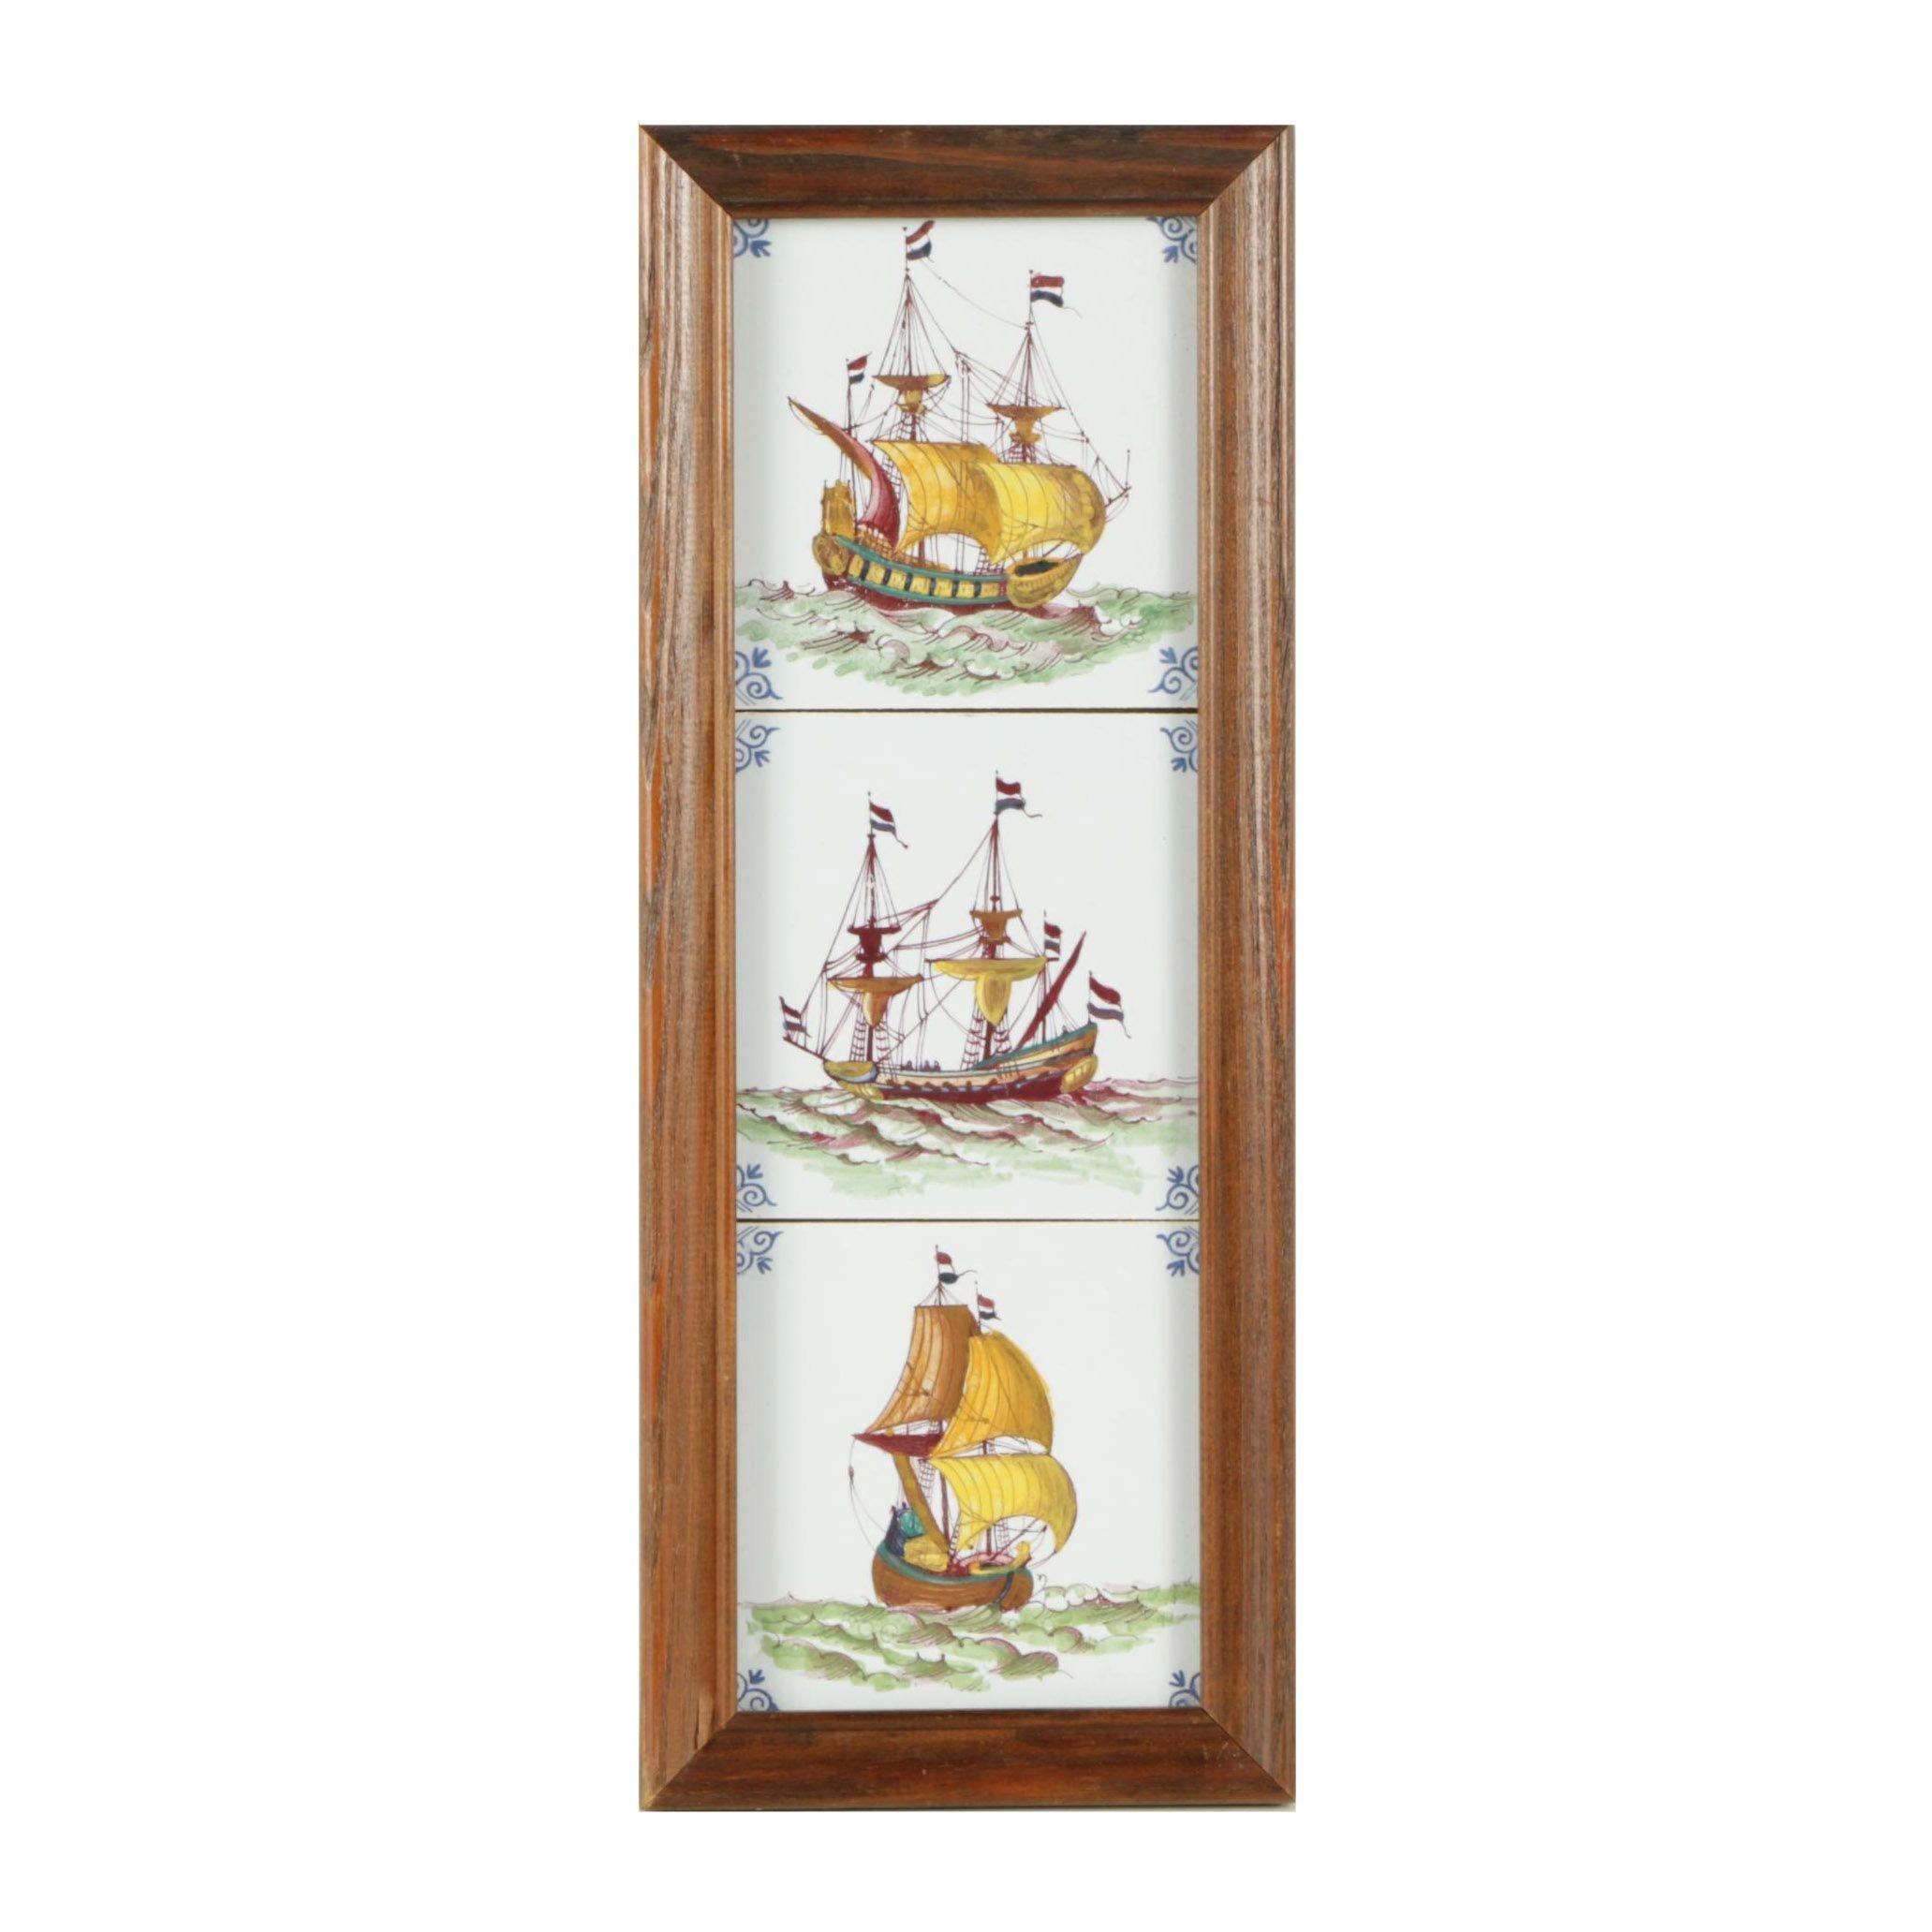 Embellished Illustrations of Sailing Ships on Ceramic Tile